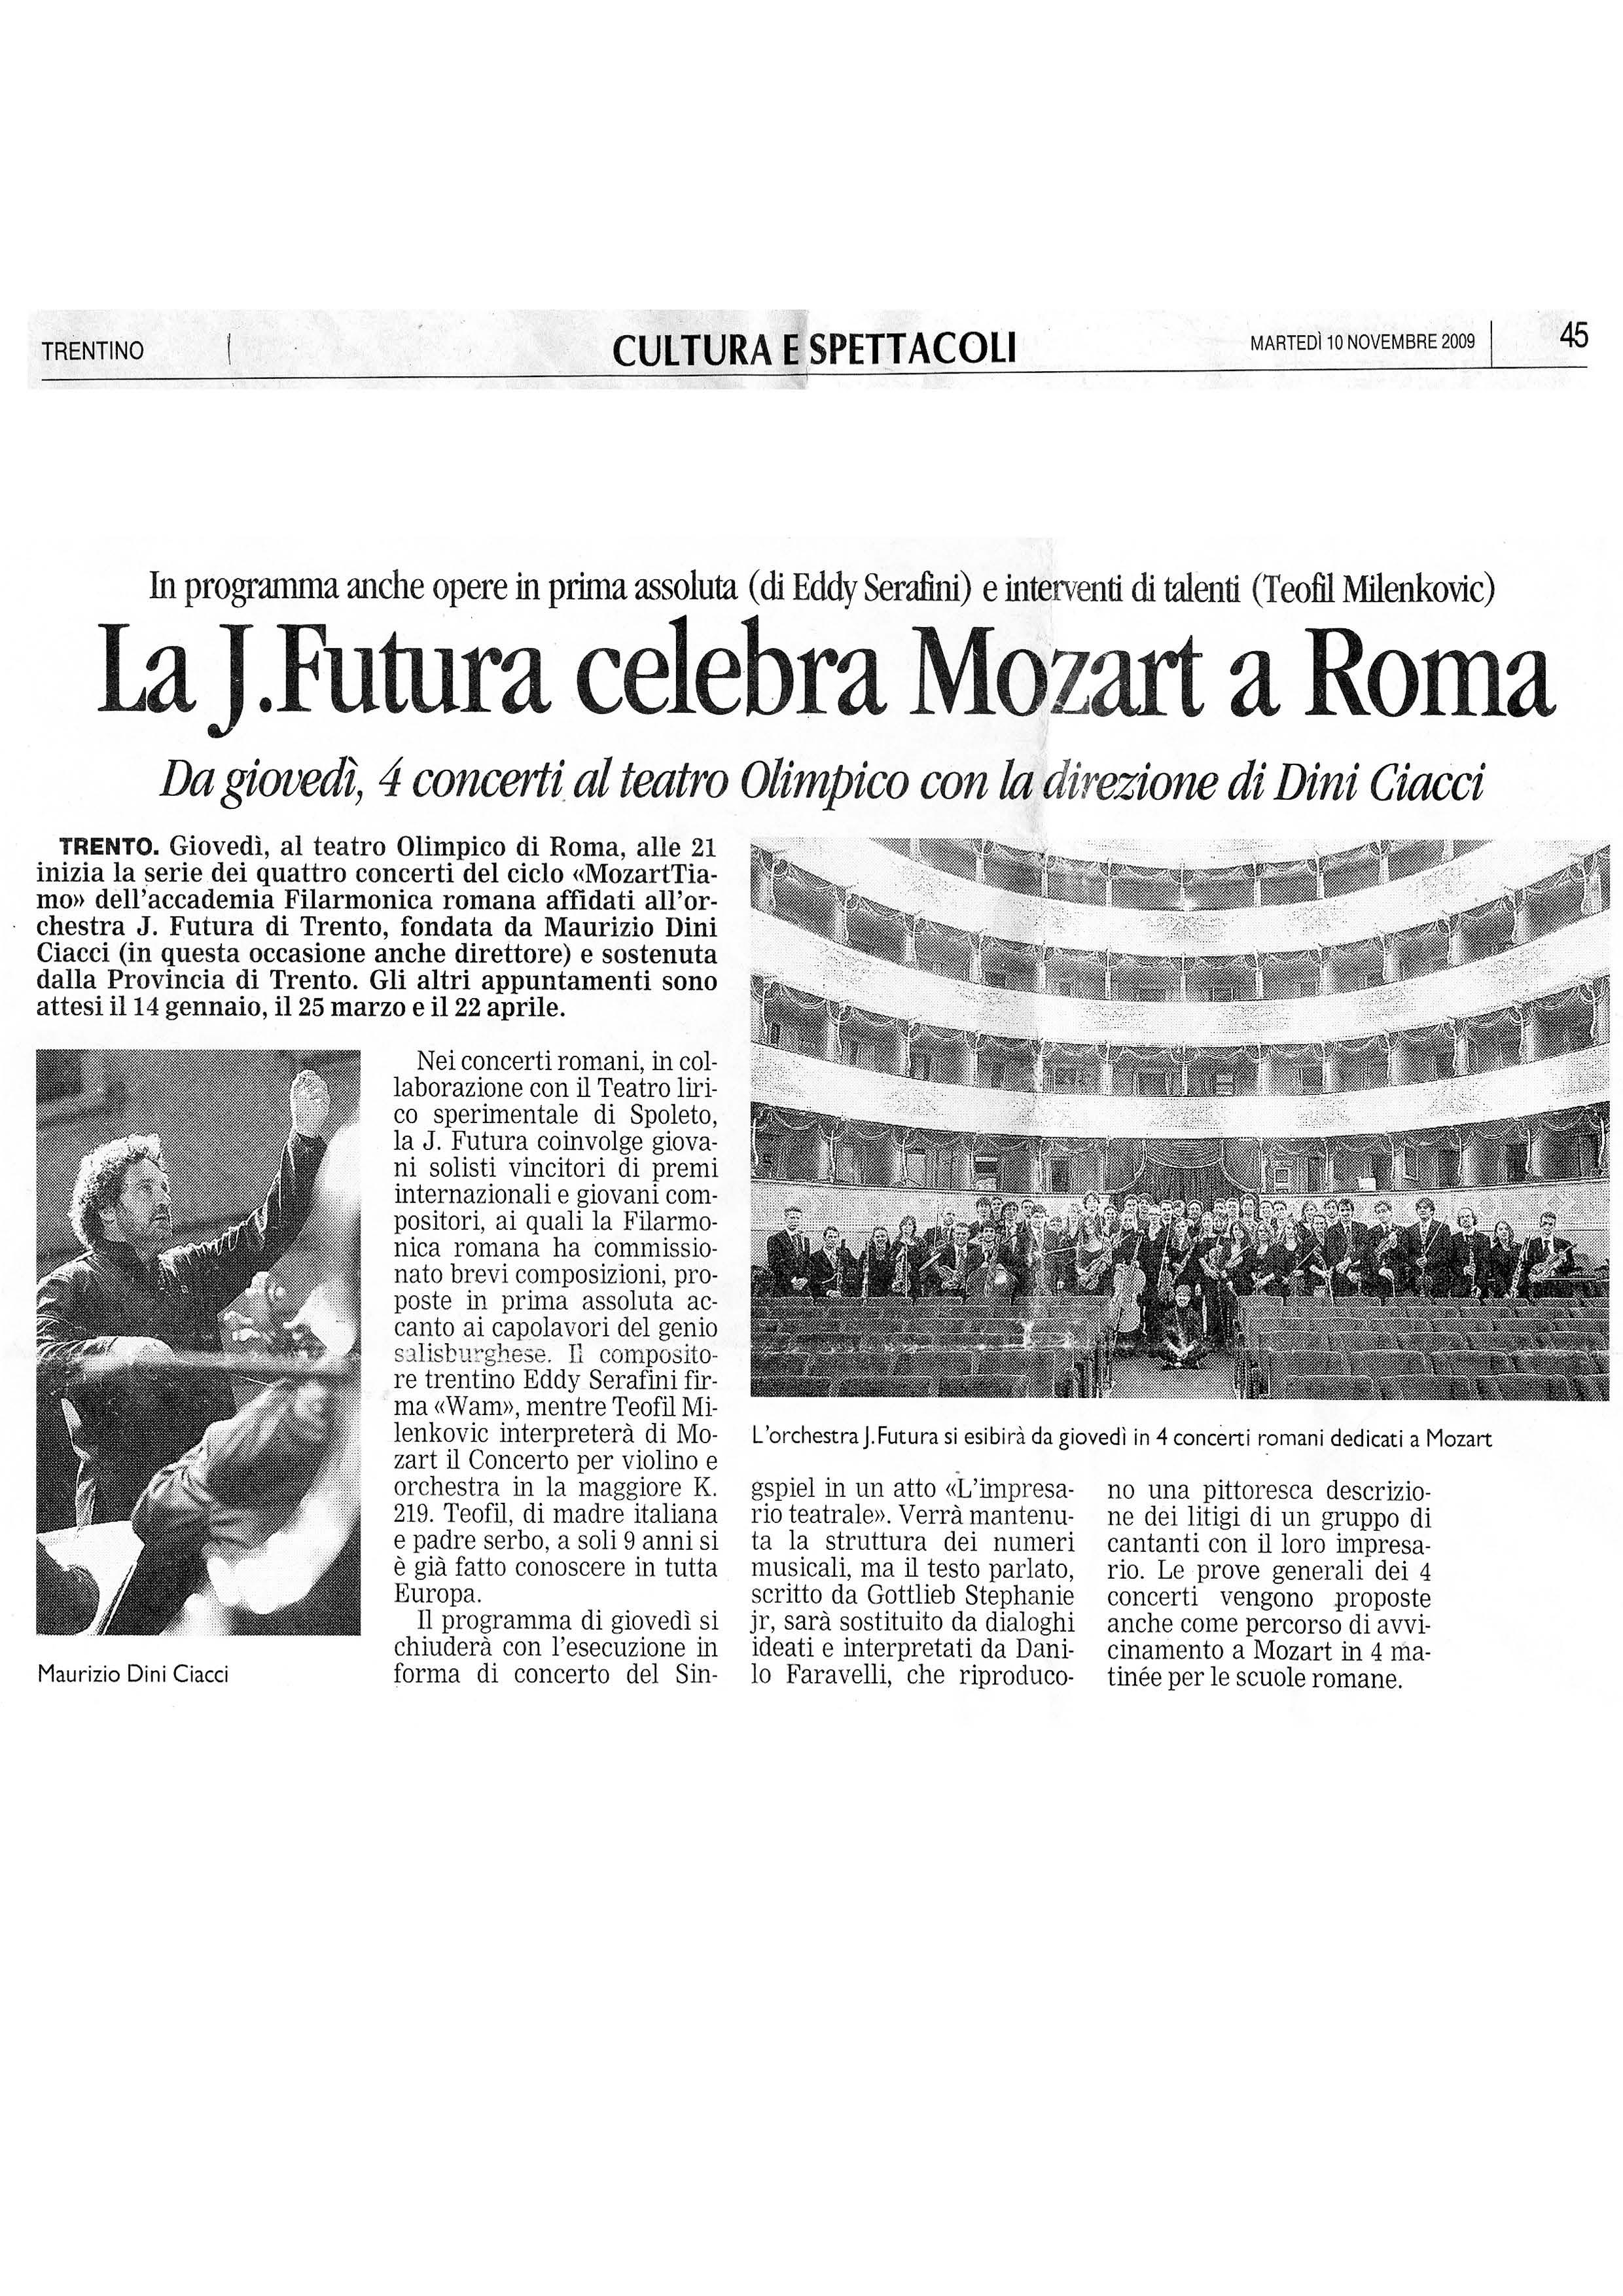 La JFutura celebra Mozart a Roma. In programma anche opere in prima assoluta di Eddy Serafini – Trentino – 10/11/2009